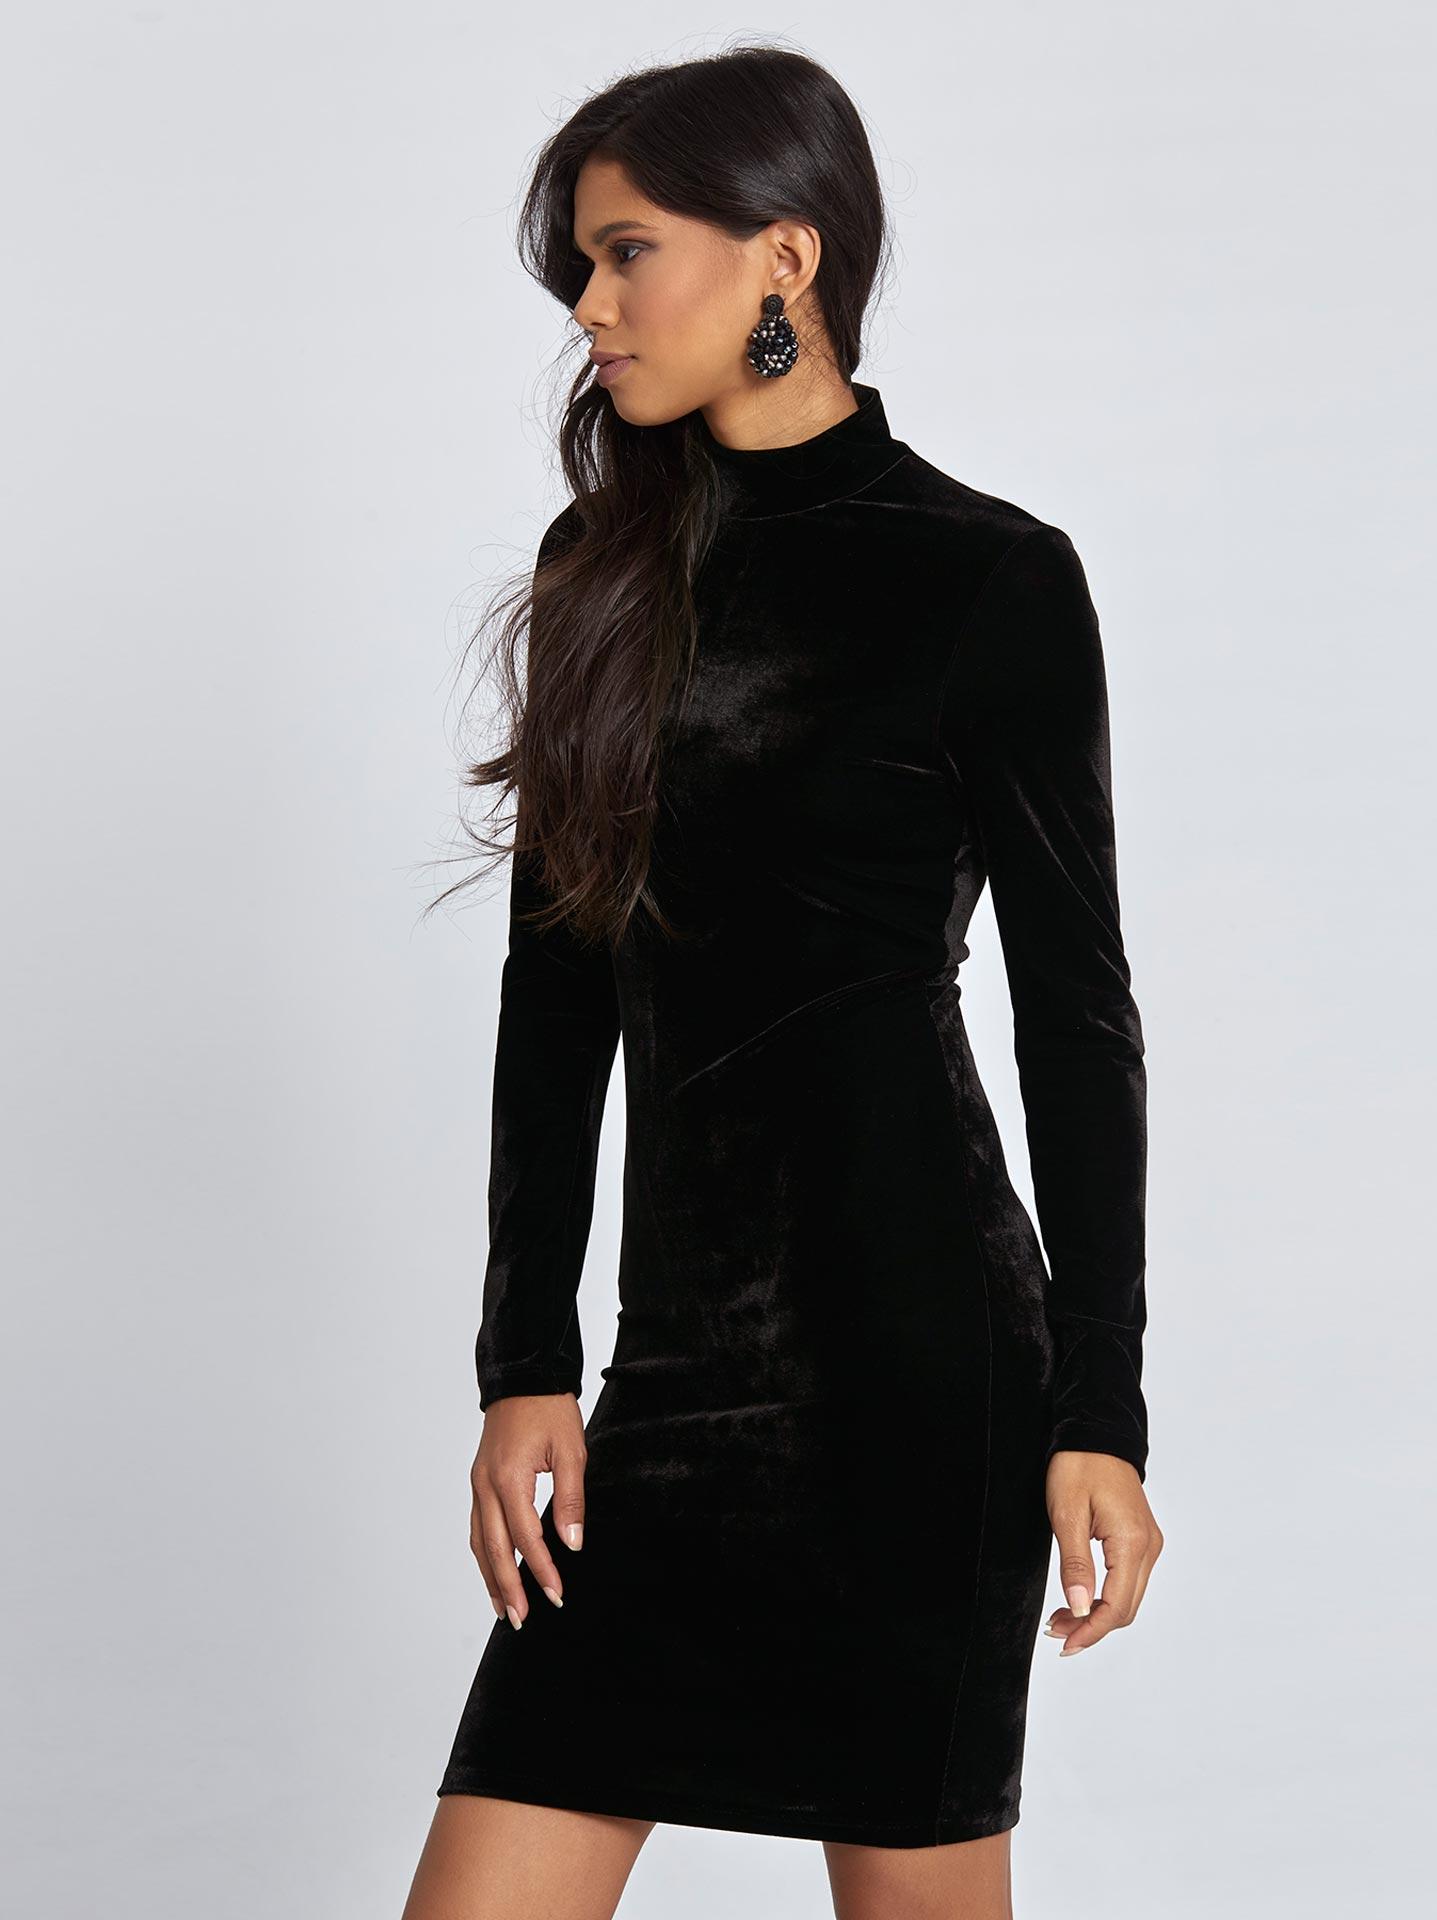 Βελούδινο mini φόρεμα σε μαυρο 7f30ac68dfd